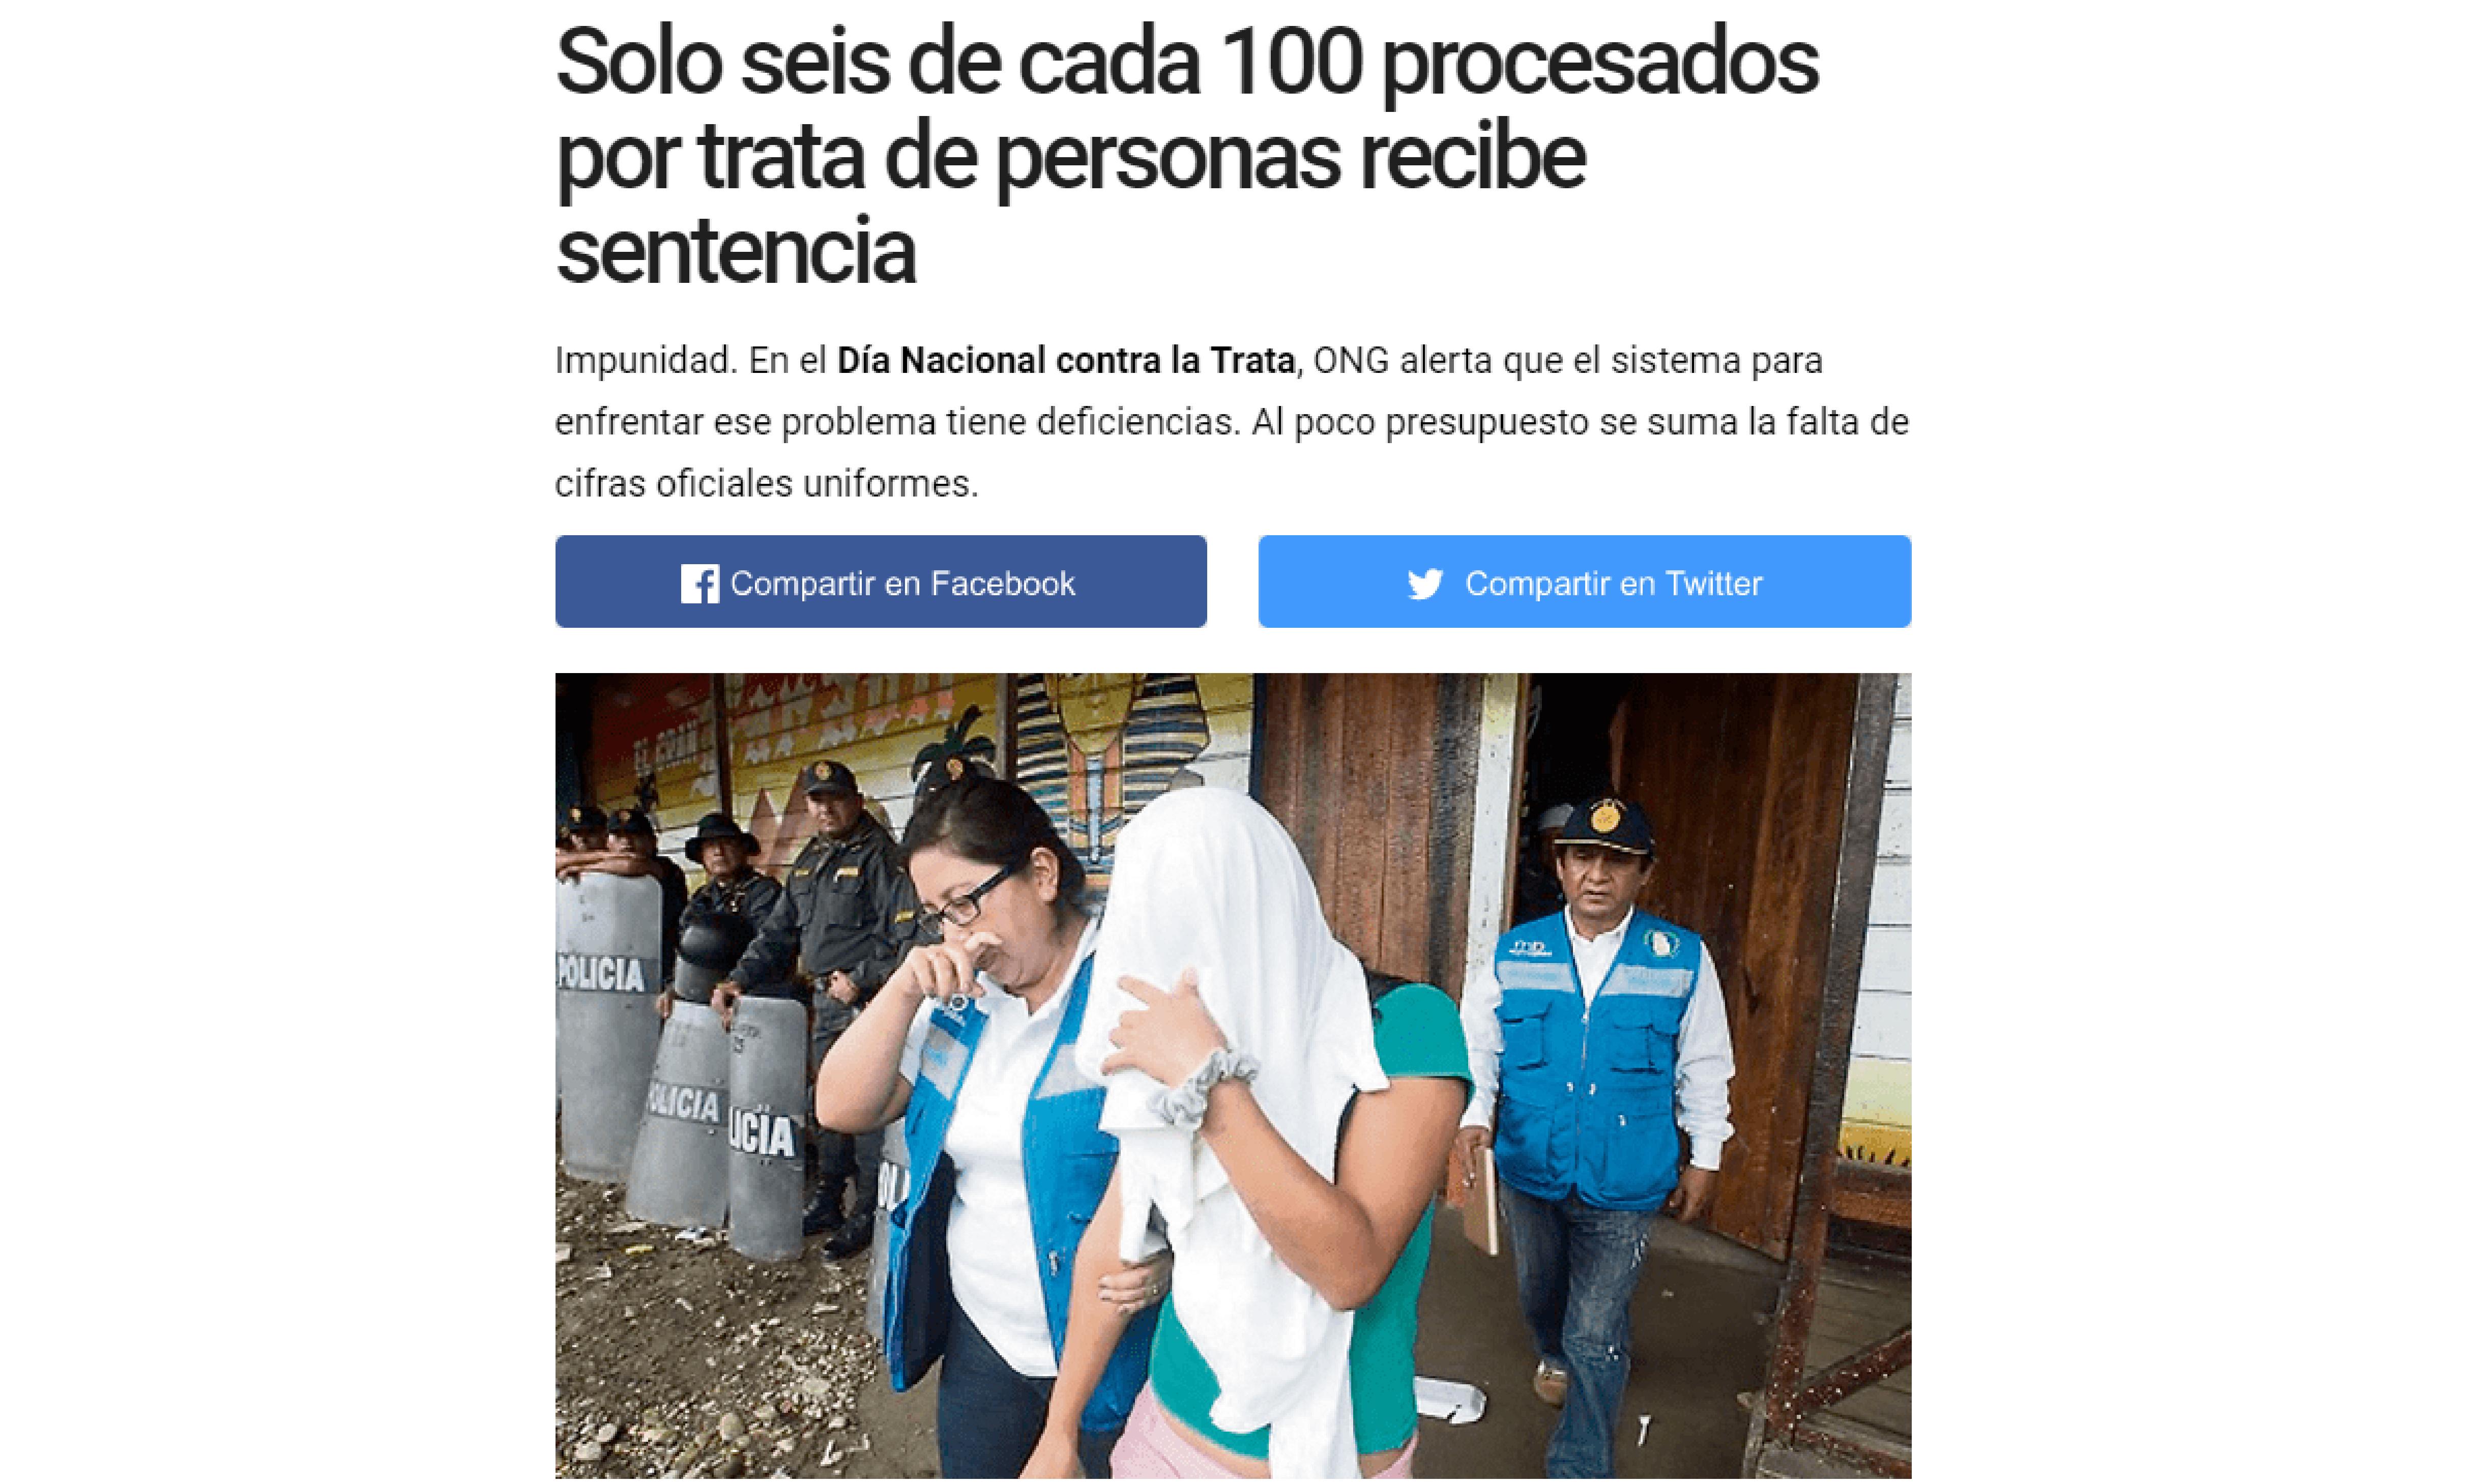 La República: Solo seis de cada 100 procesados por trata de personas recibe sentencia